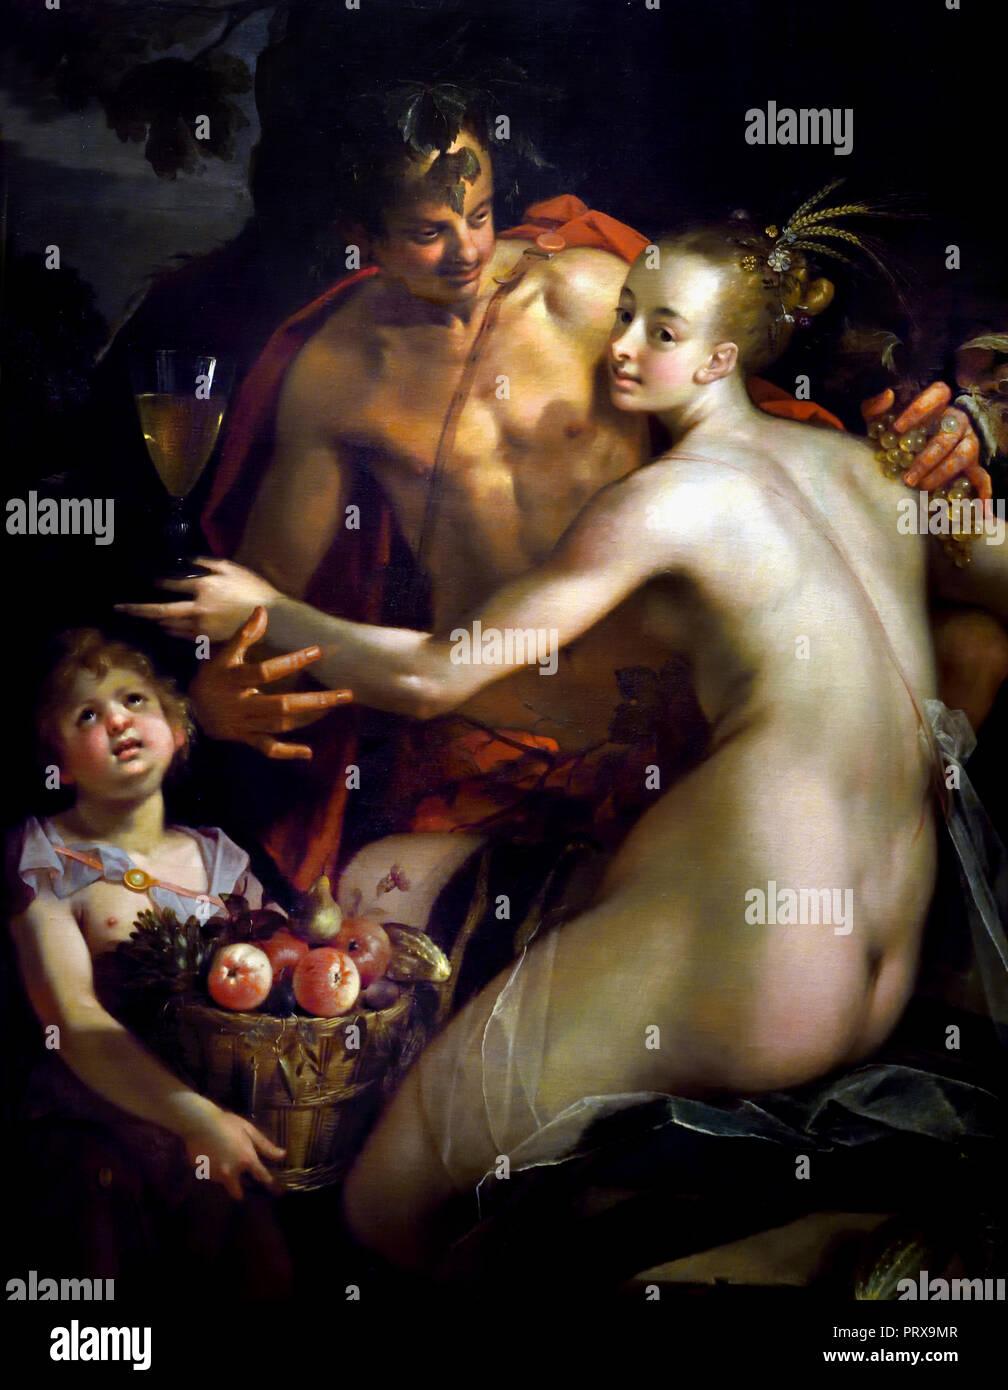 Bacchus, Cérès et Amor (1595 - 1605) par Hans von Aachen Allemagne Allemand 1552-1615. La mythologie grecque, romaine,, Photo Stock